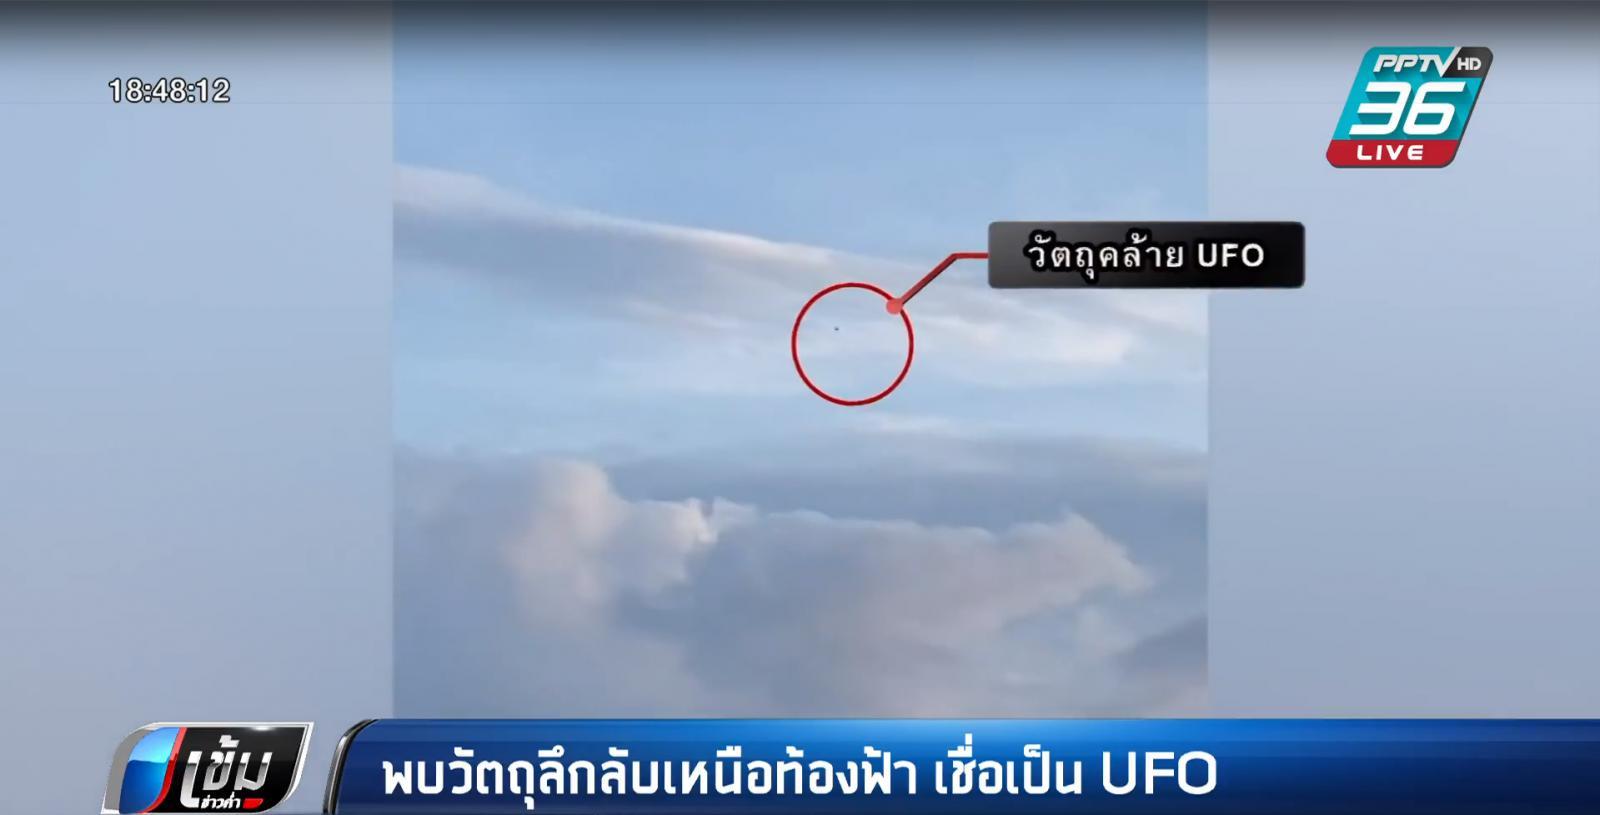 """พบวัตถุลึกลับเหนือท้องฟ้ากระบี่ เชื่อ """"ยูเอฟโอ"""" ผู้เชี่ยวชาญ คาดบอลลูนตรวจอากาศ"""